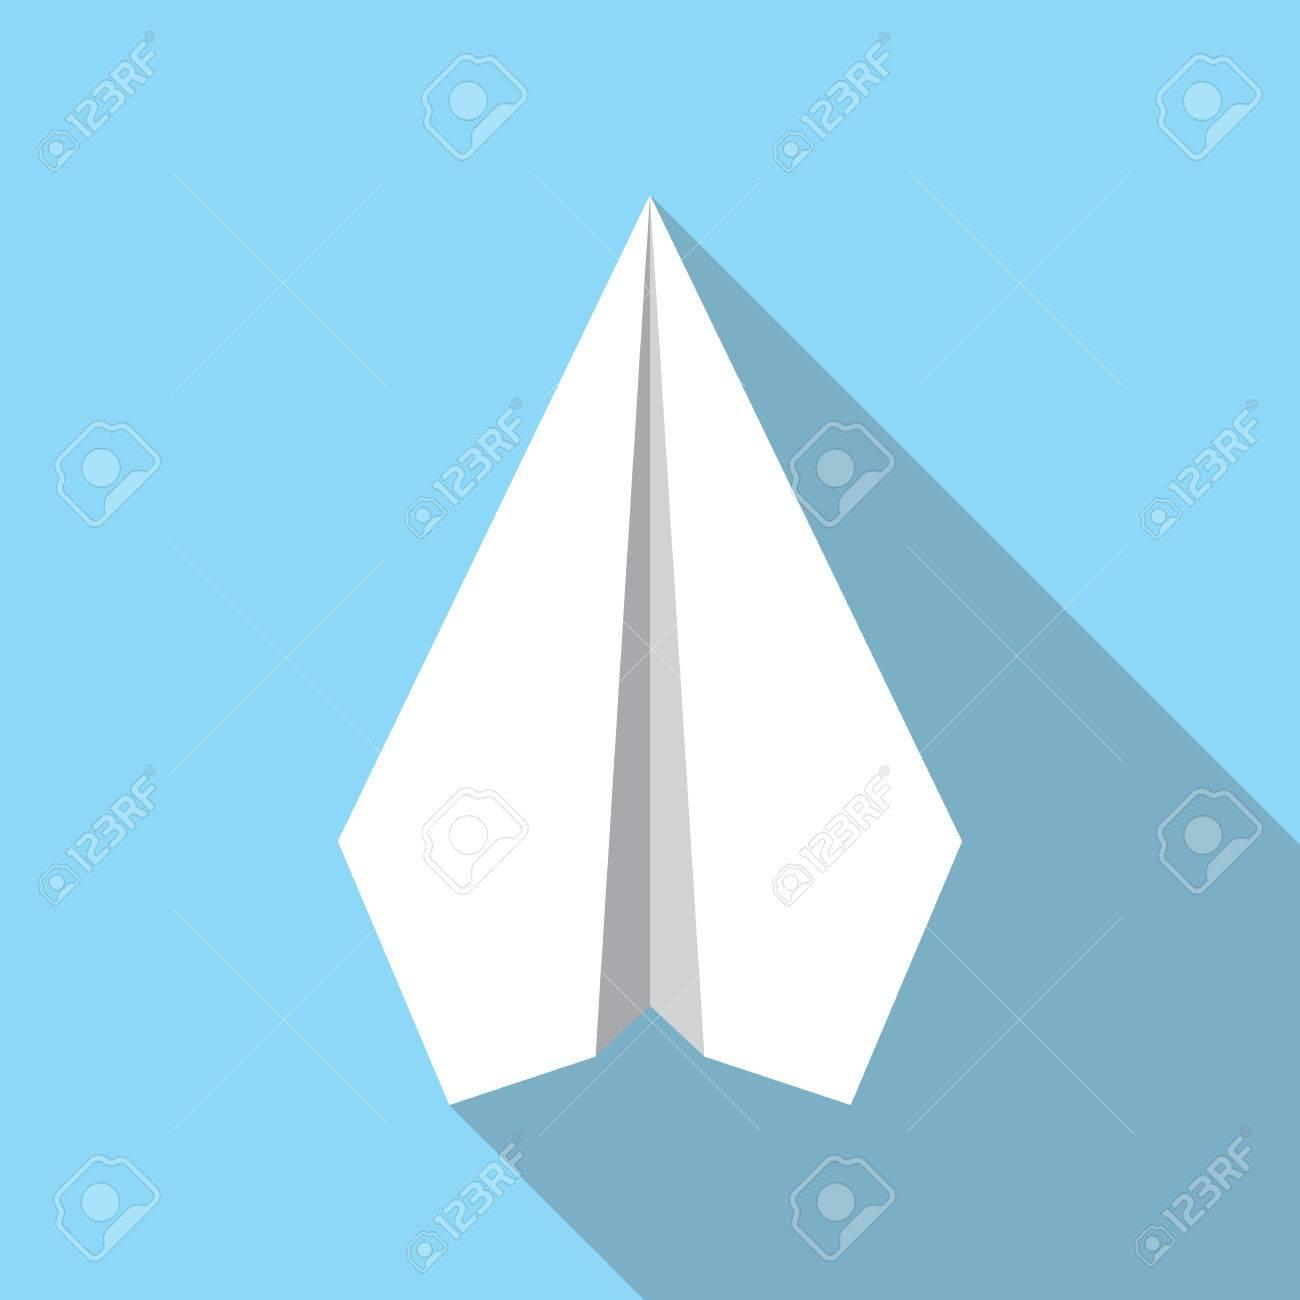 Signe Dicône Plat De Navigation Avion Papier Symbole Davion